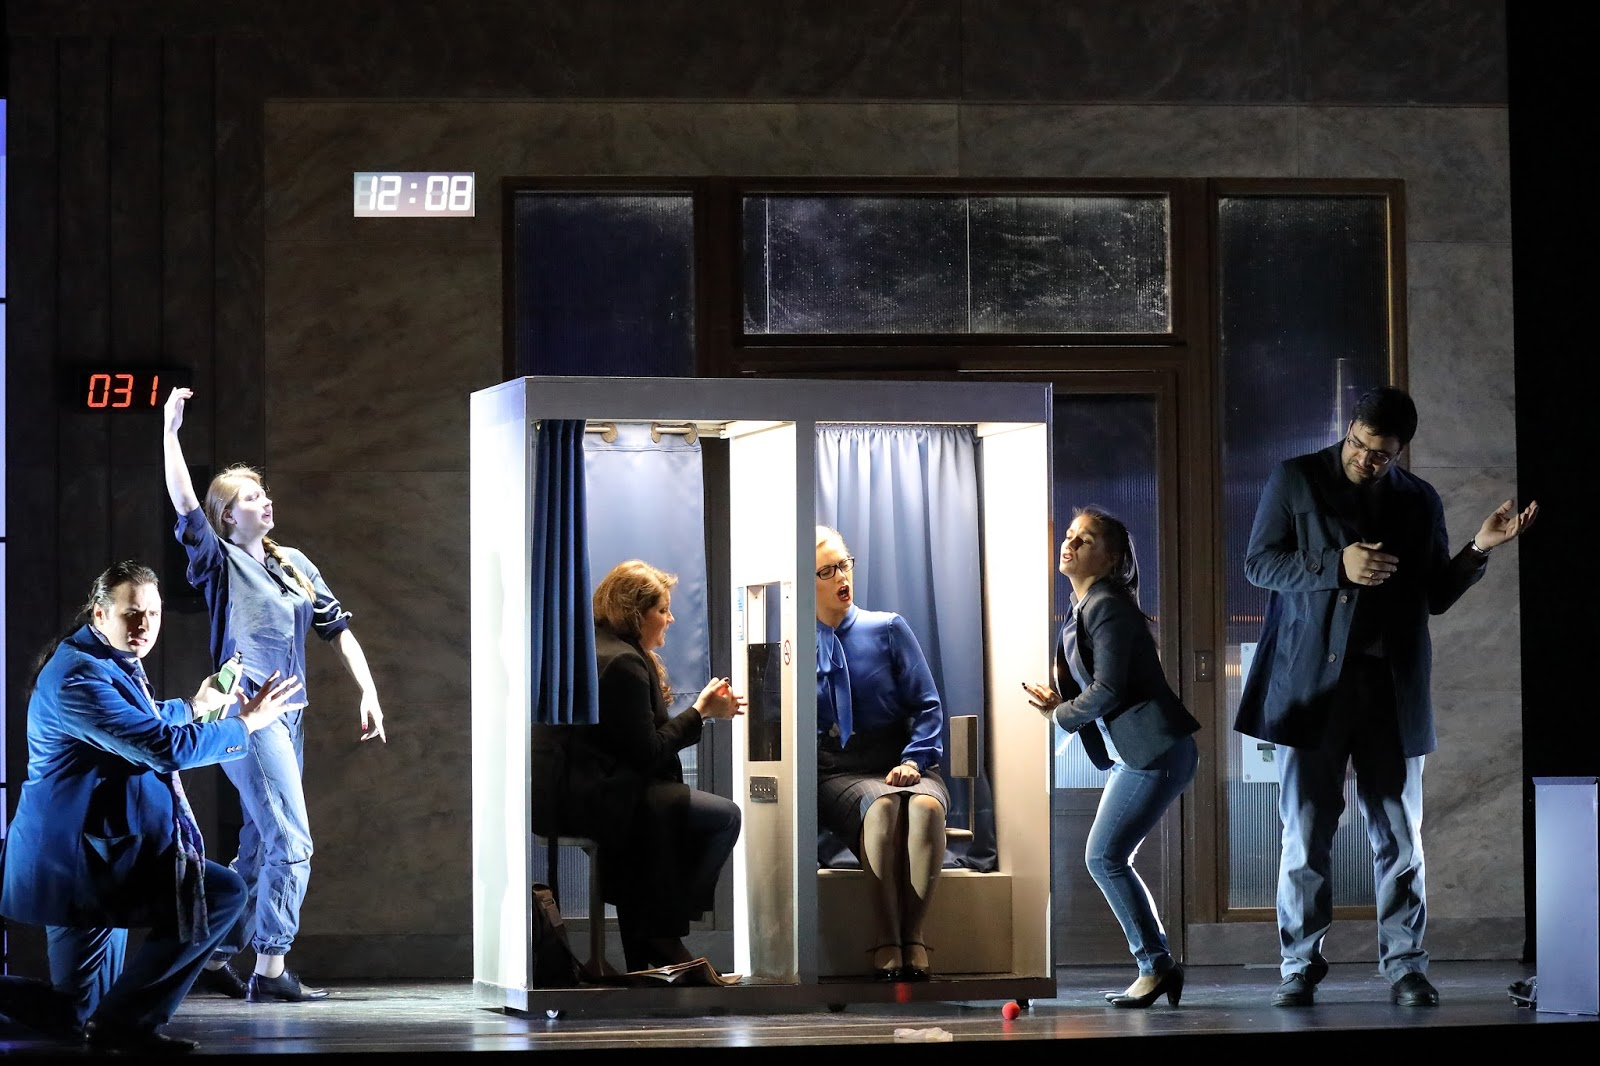 Le Consul de Menotti par l'Opernstudio au théâtre Cuvilliés de Munich. Photo: Wilfried Hösl